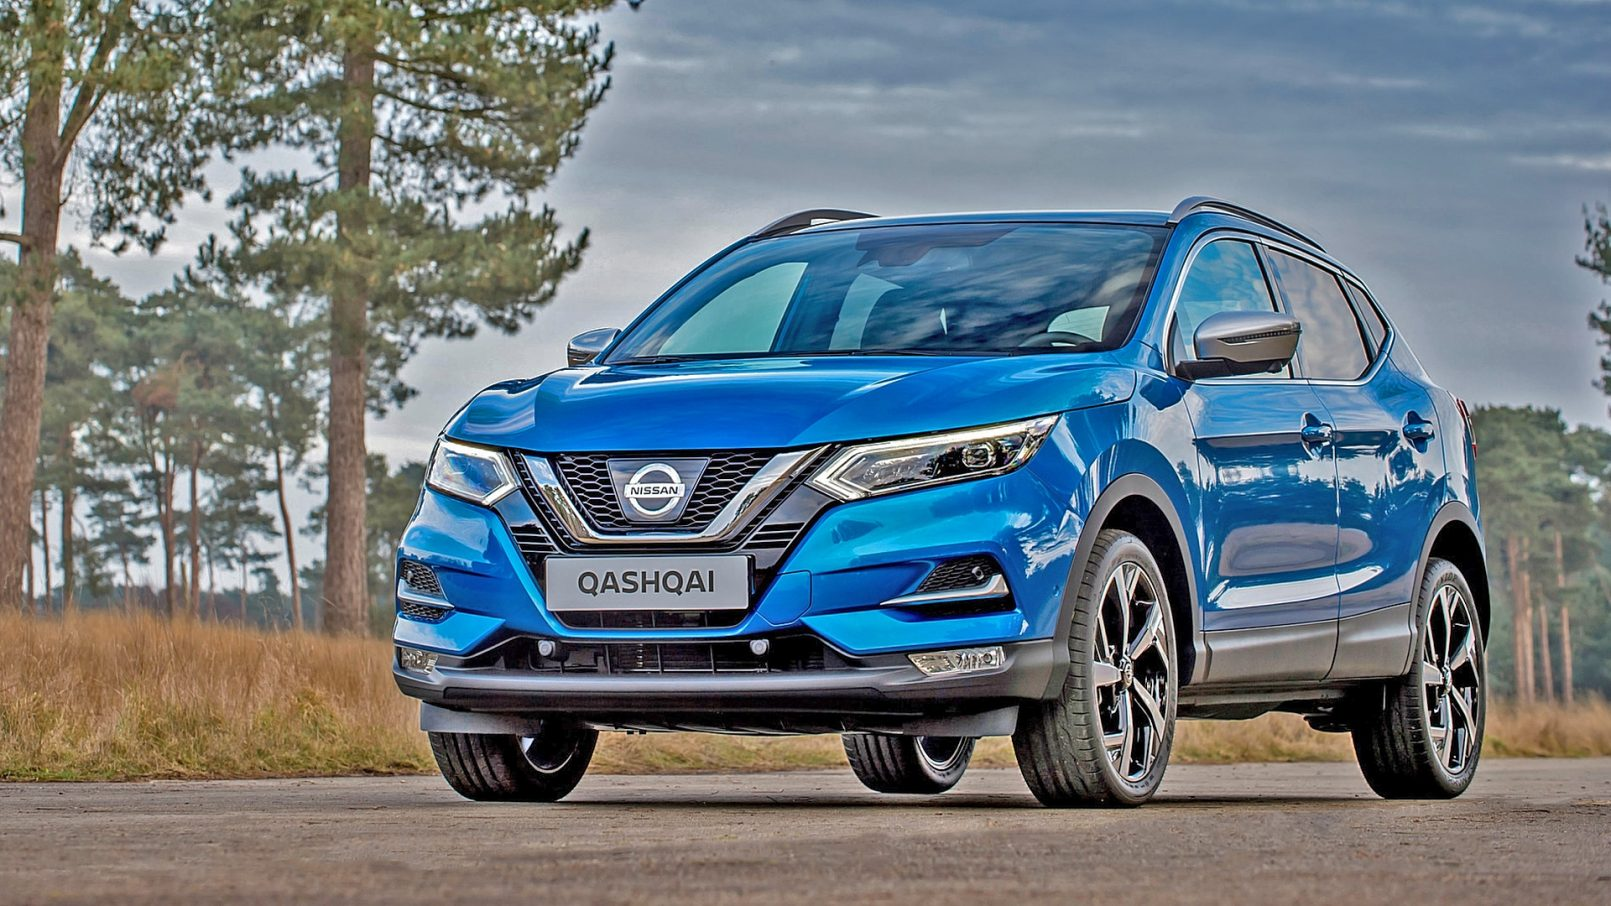 Nissan qashqai 2018 скоро в россии! цены и комплектации